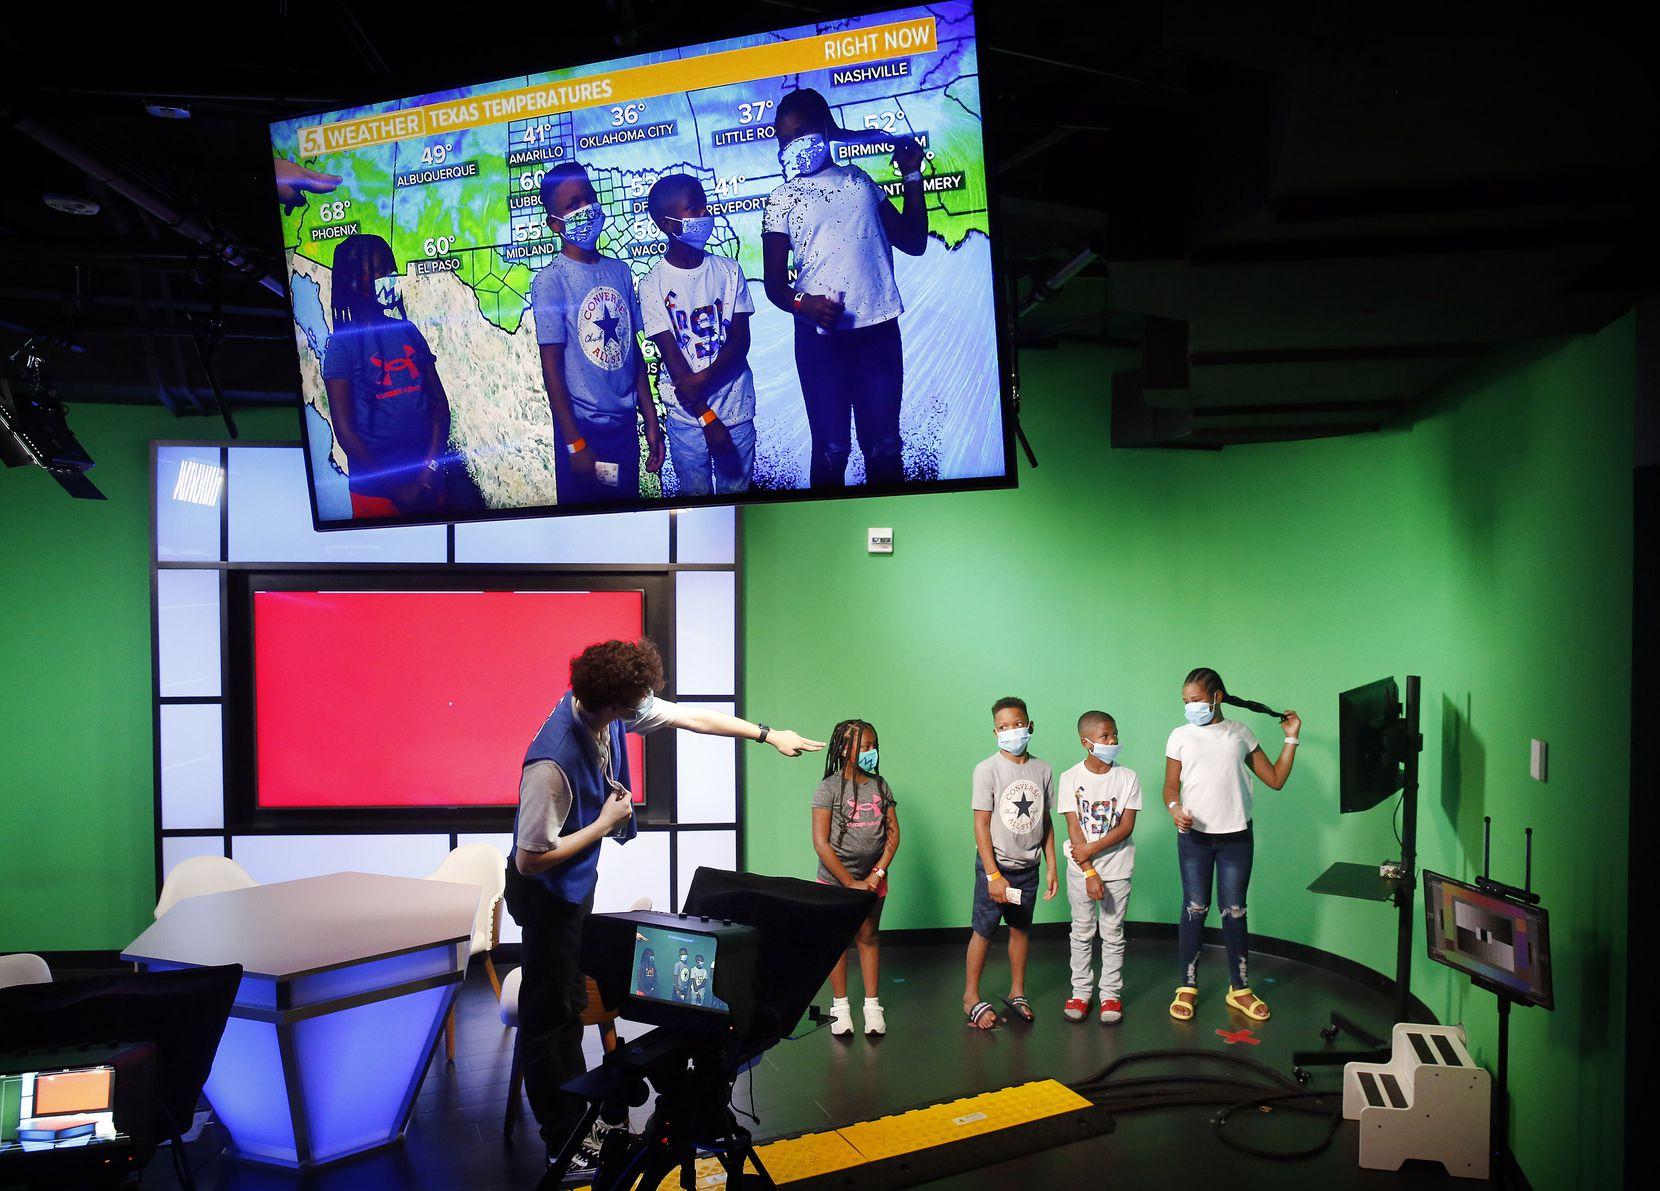 Los niños se paran frente a una pantalla verde mientras entregan pronósticos del tiempo en el estudio de televisión para niños WFAA en KidZania Dallas, la única ubicación de la compañía en los EE. UU. En Stonebriar Mall en The Bridges en Plano, Texas, el 16 de julio de 2021 (Tom Fox / The Dallas Morning News)